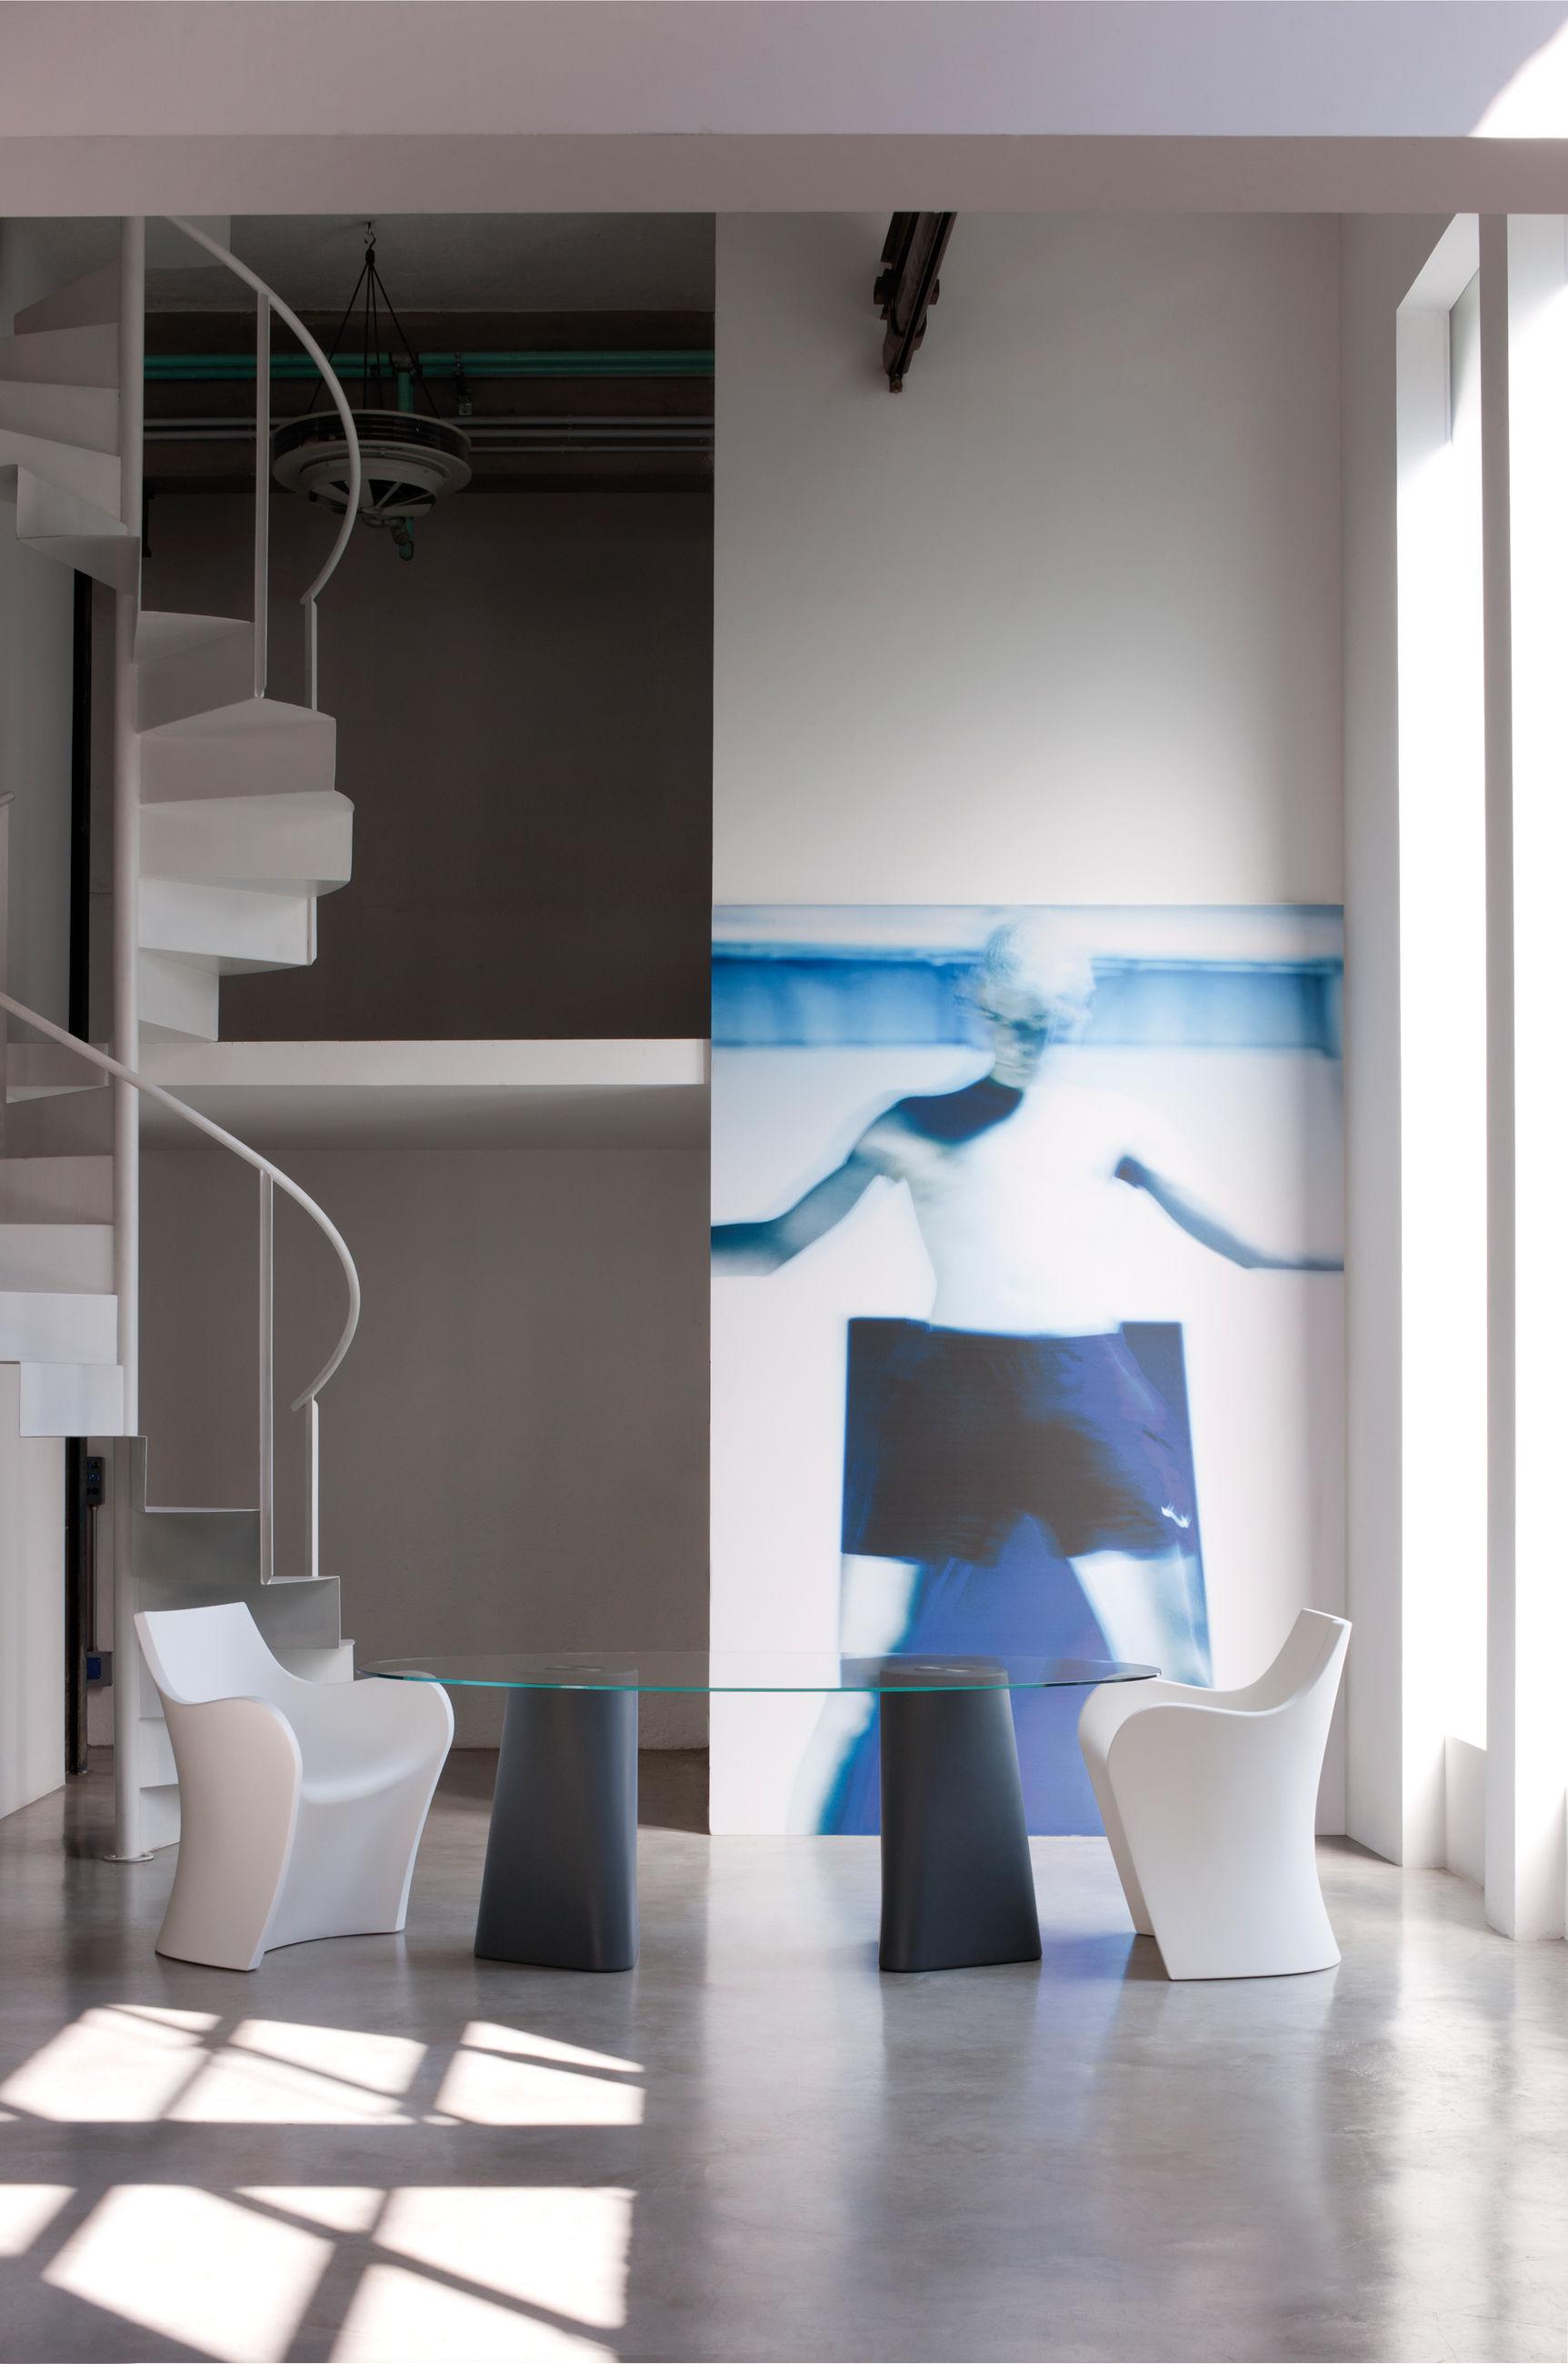 adam tisch 200 x 100 cm tischbein wei tischplatte transparent by b line made in design. Black Bedroom Furniture Sets. Home Design Ideas